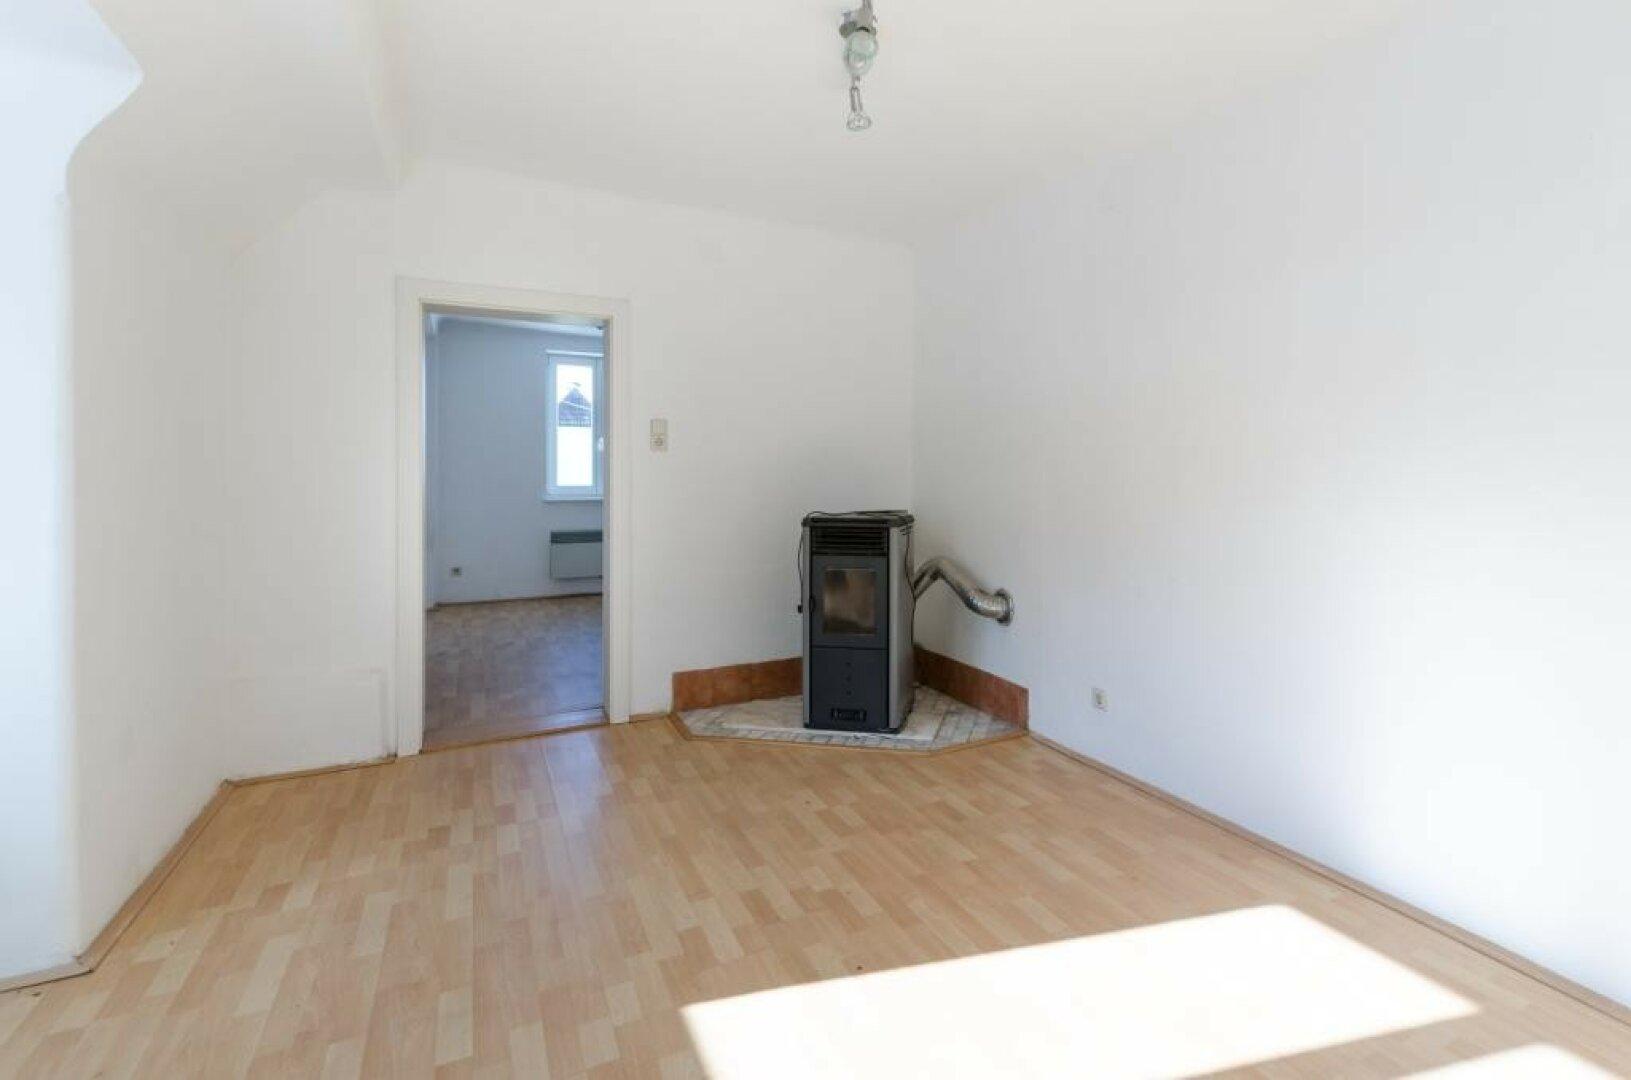 Zimmer 3 und 4 obere Wohnung